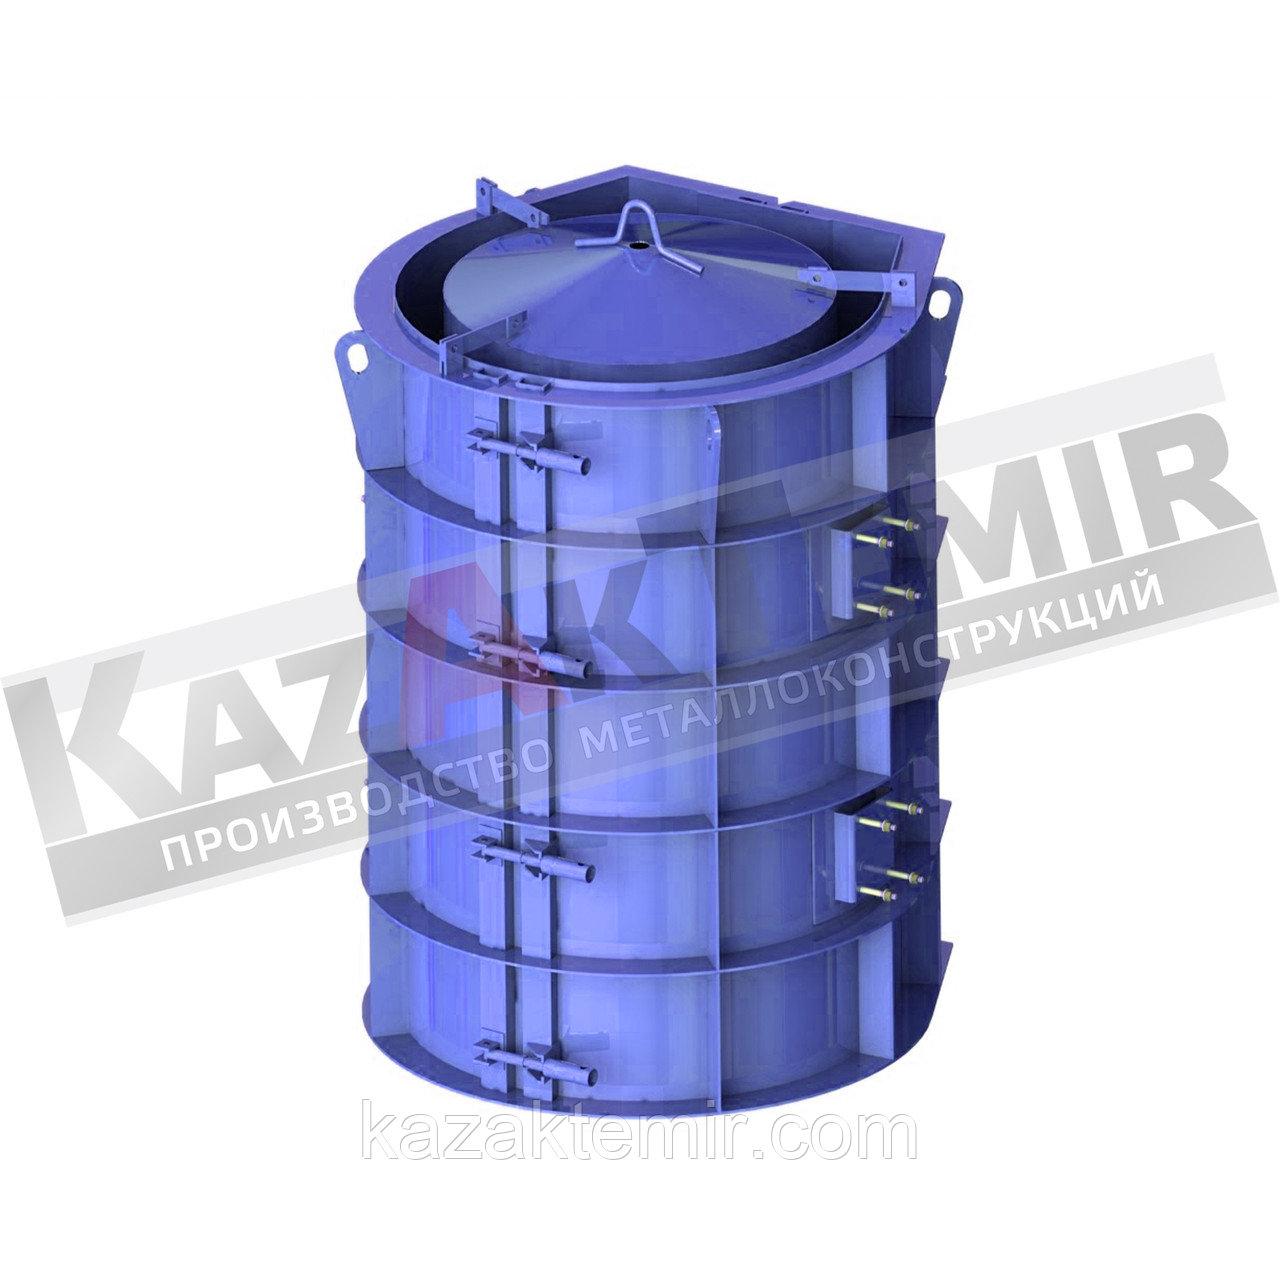 ЗКП 2.200 (металлоформа)